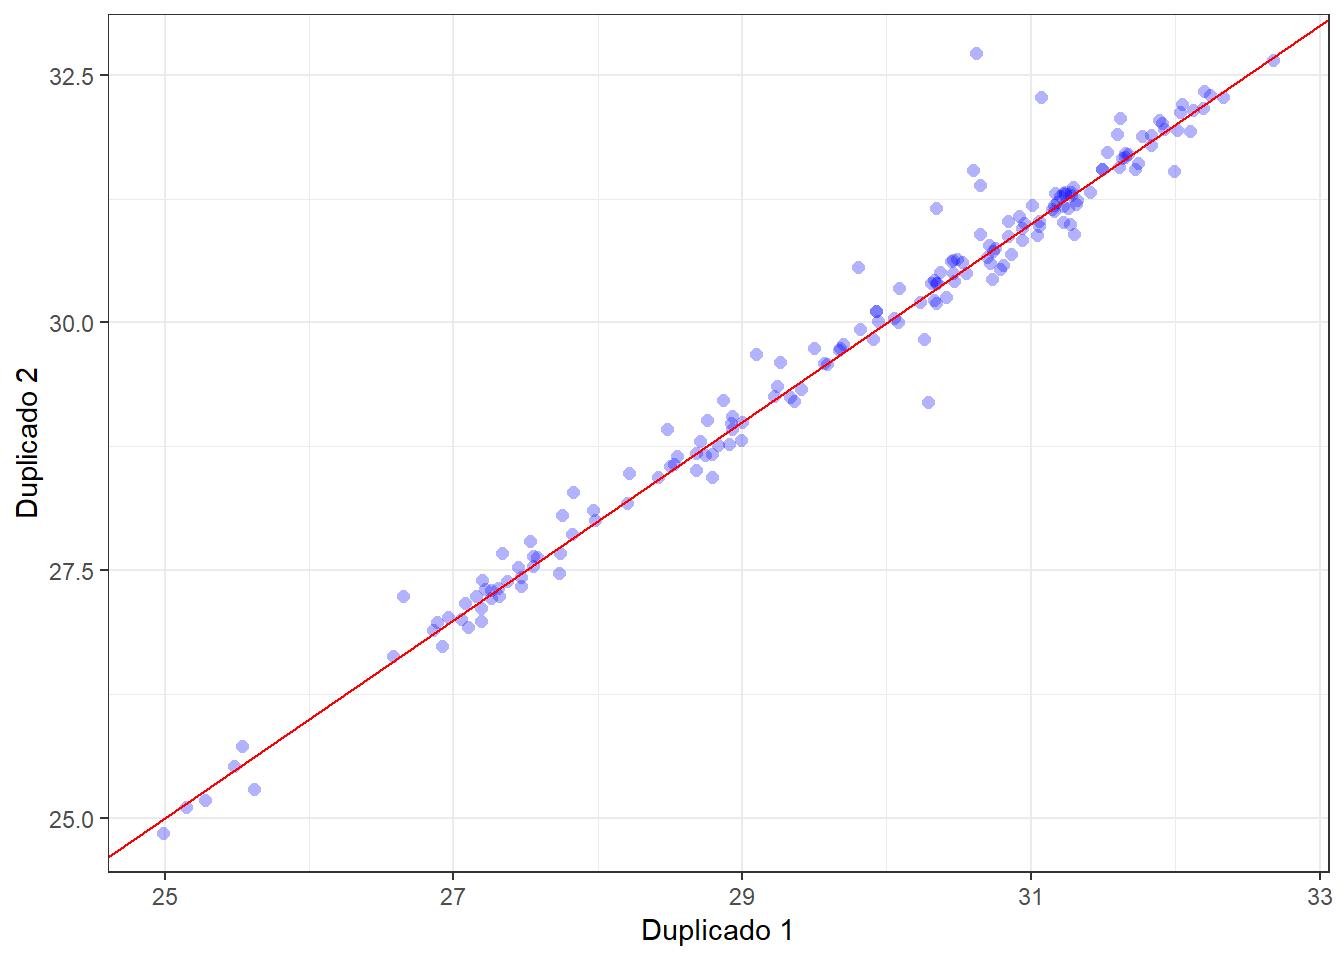 Gráfico de dispersión entre duplicados